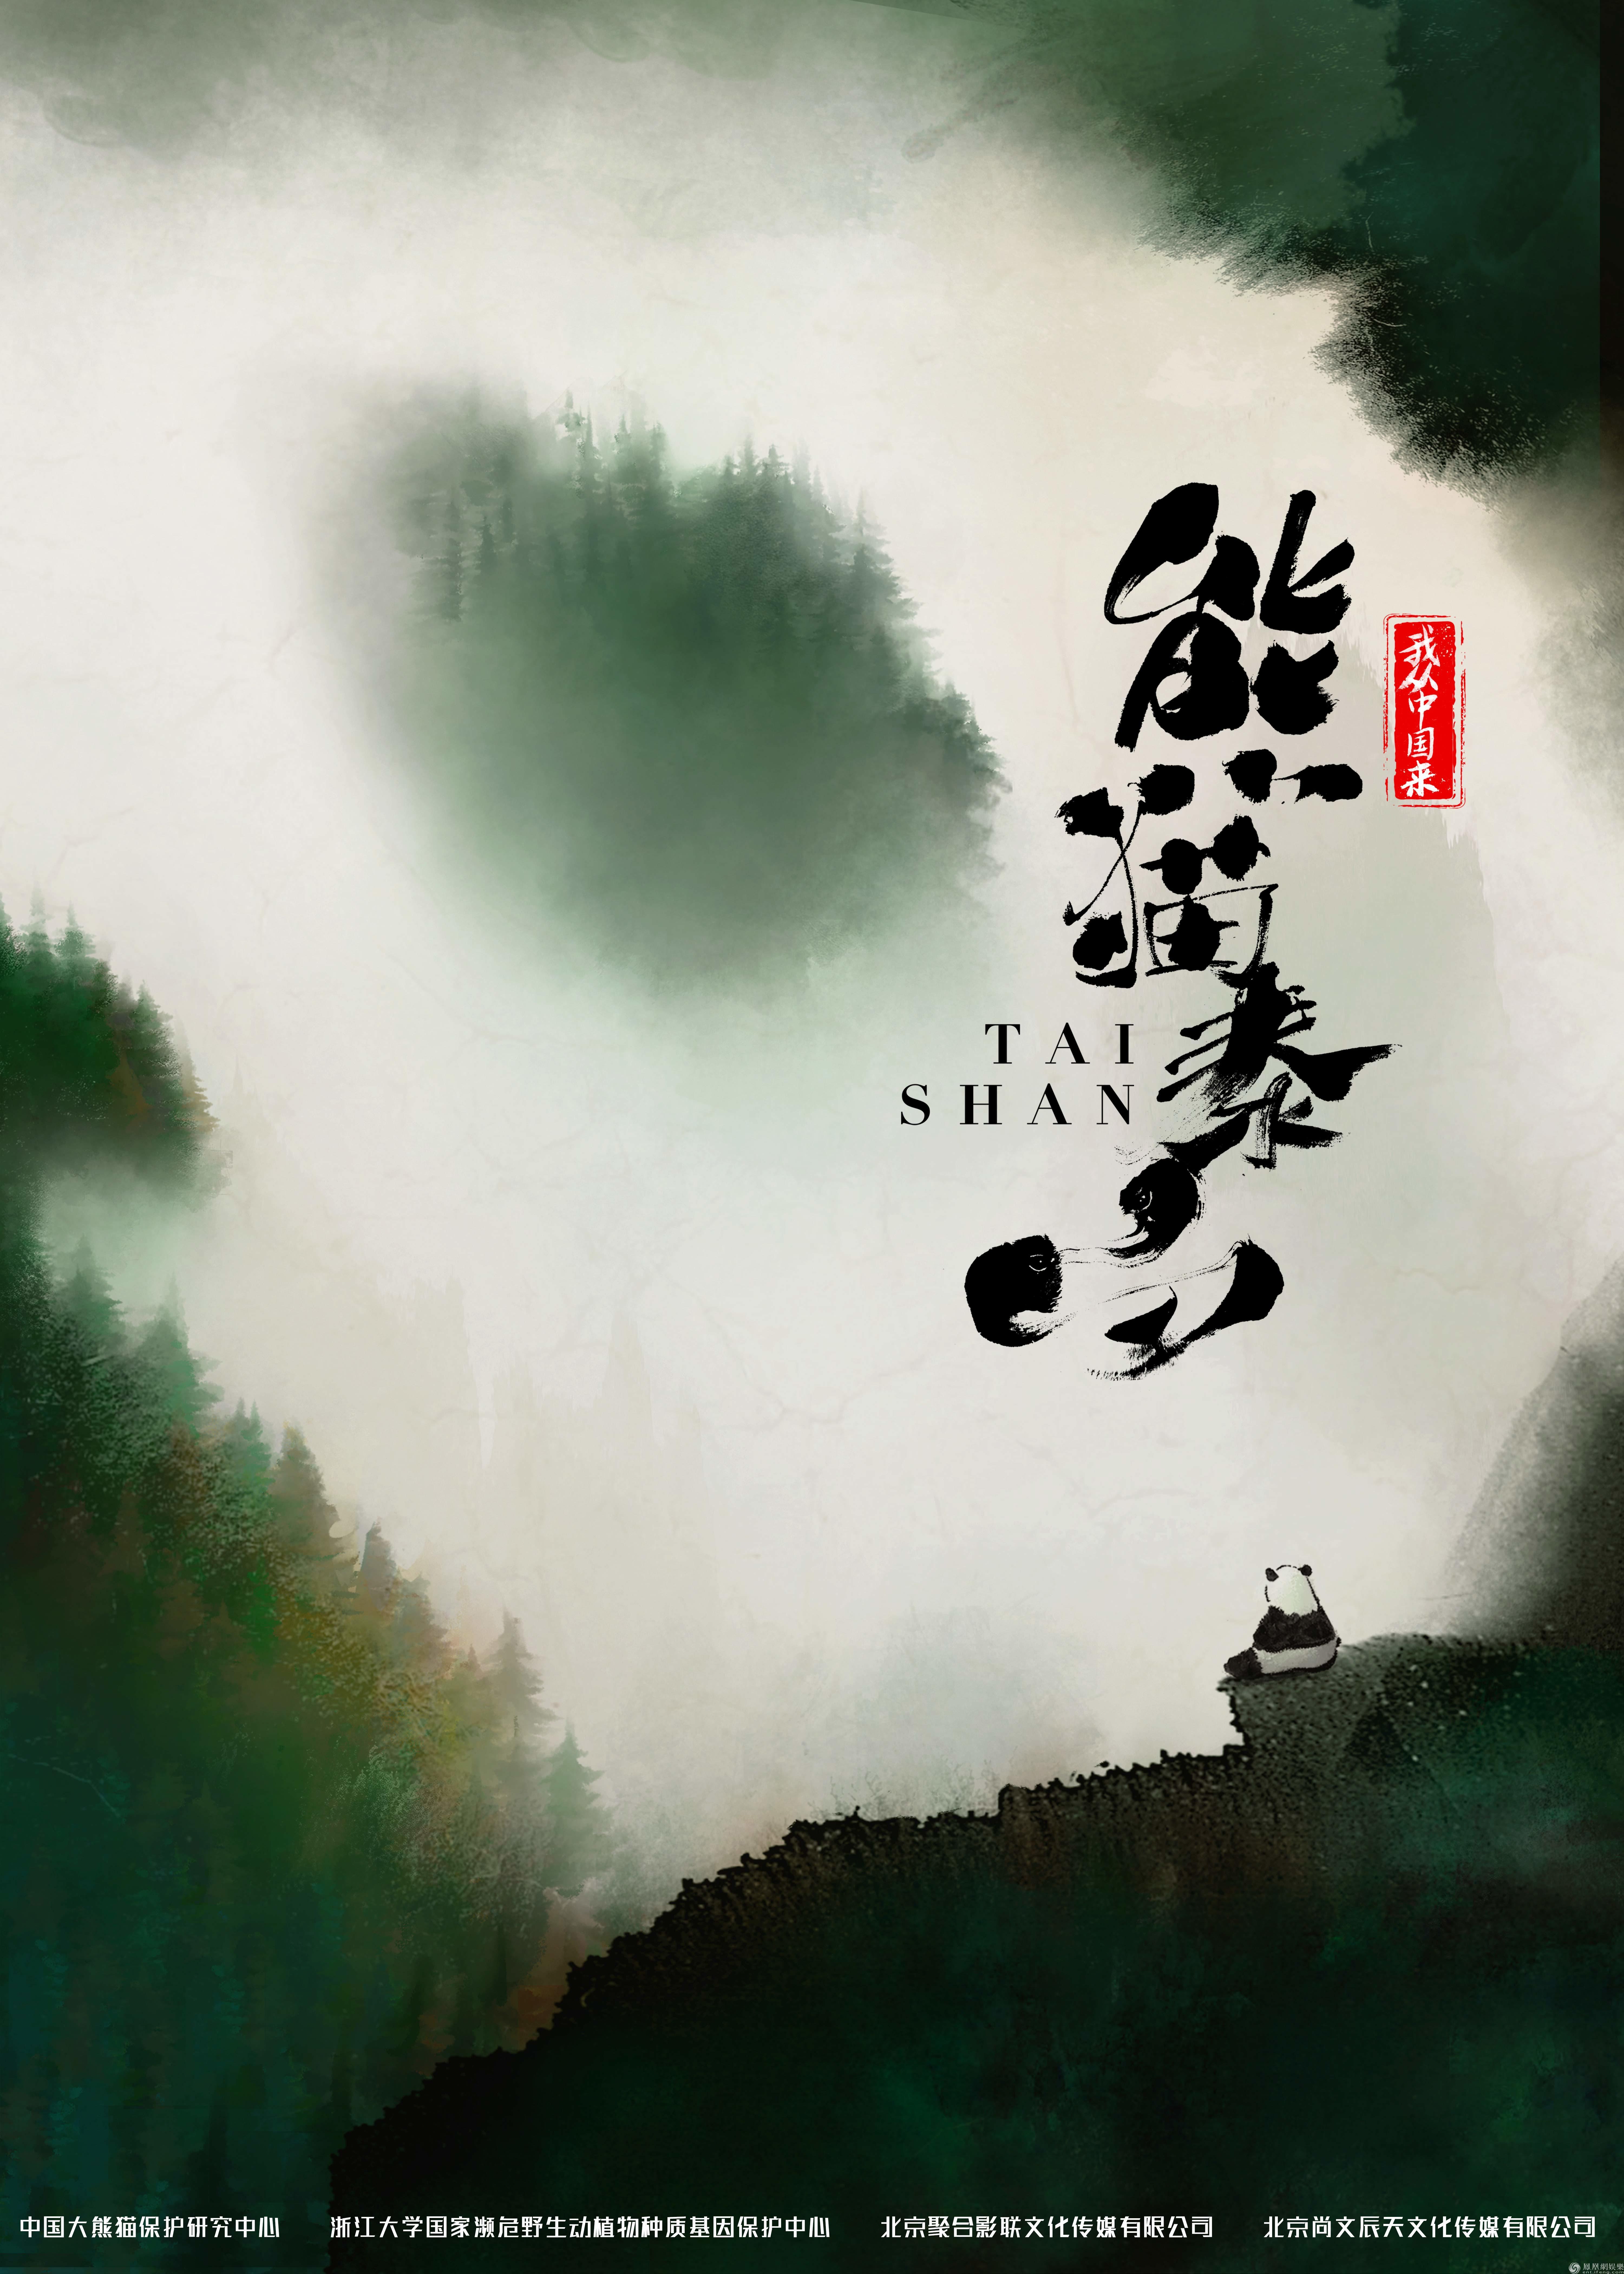 《我从中国来之熊猫泰山》在京启动 打造首部熊猫电影